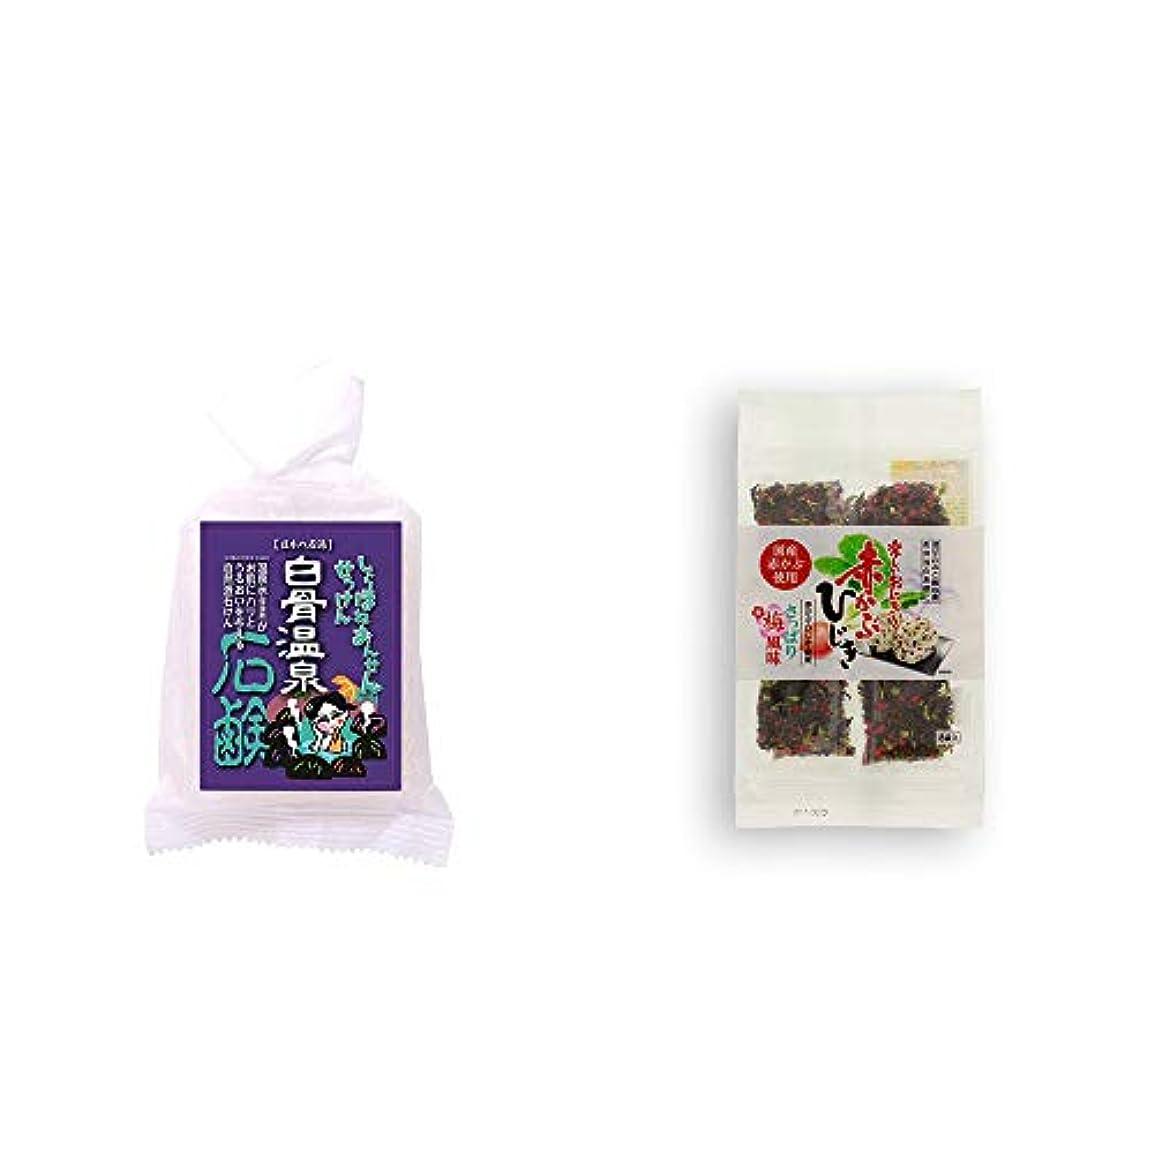 気分が良い代替徴収[2点セット] 信州 白骨温泉石鹸(80g)?楽しいおにぎり 赤かぶひじき(8g×8袋)